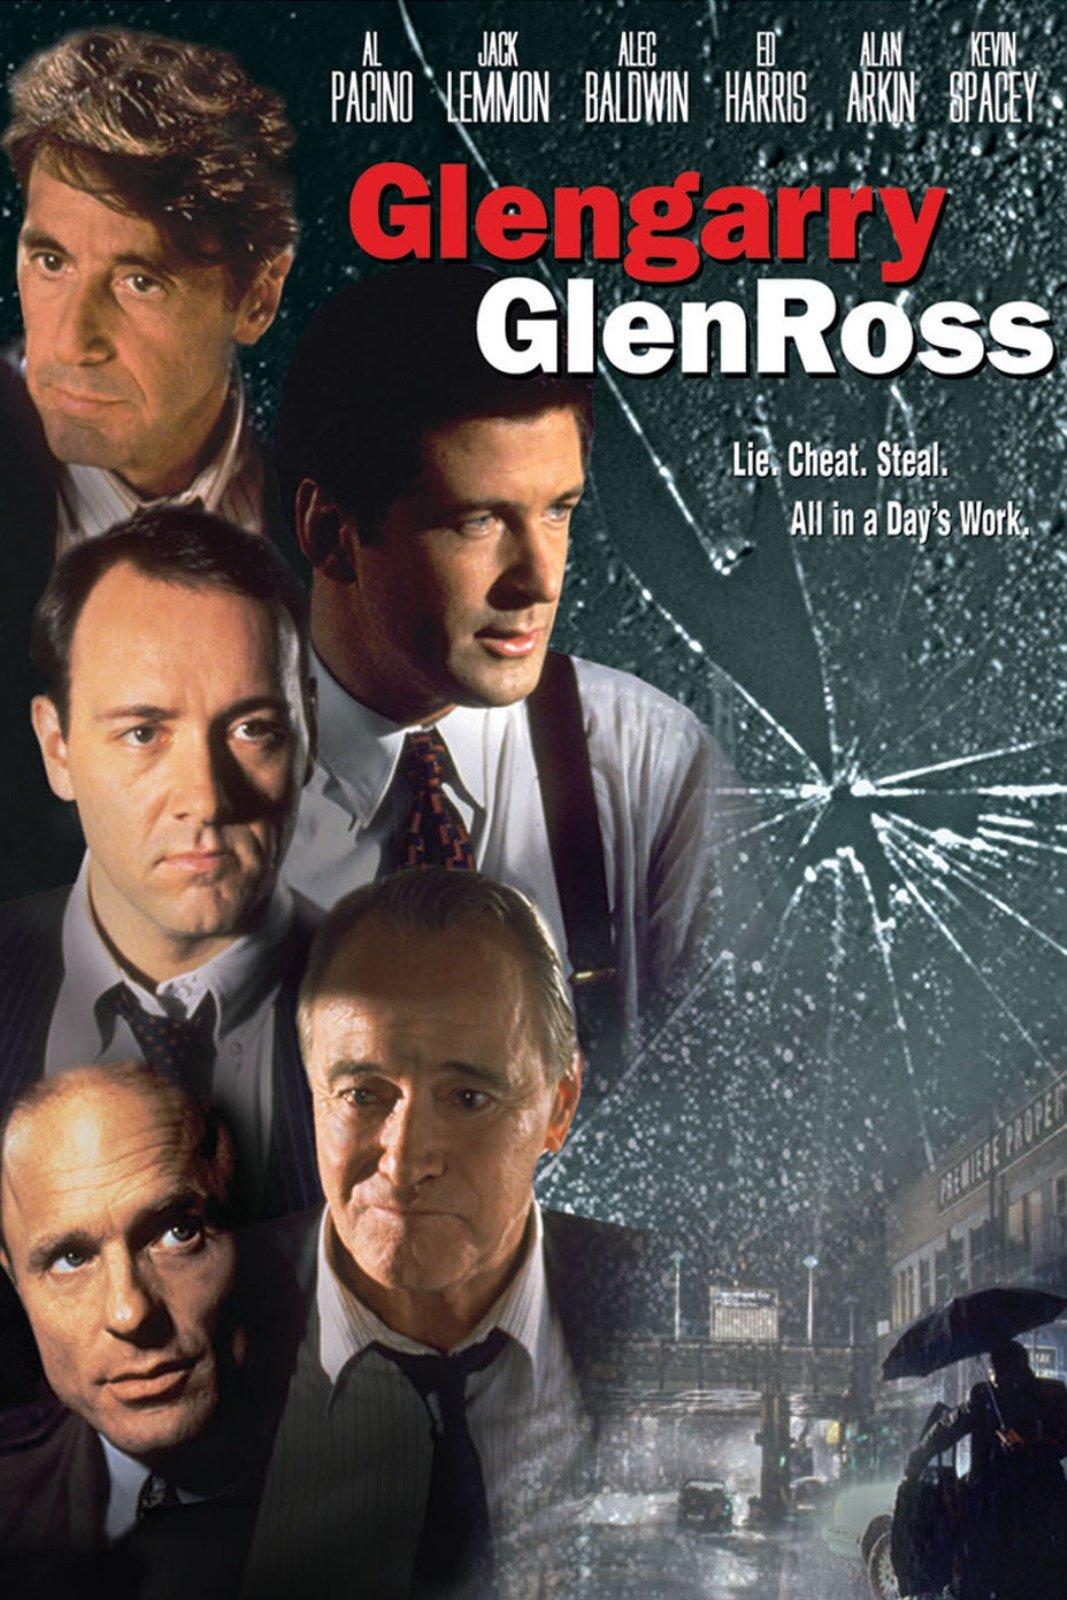 Glengarry GlenRoss Movie Poster